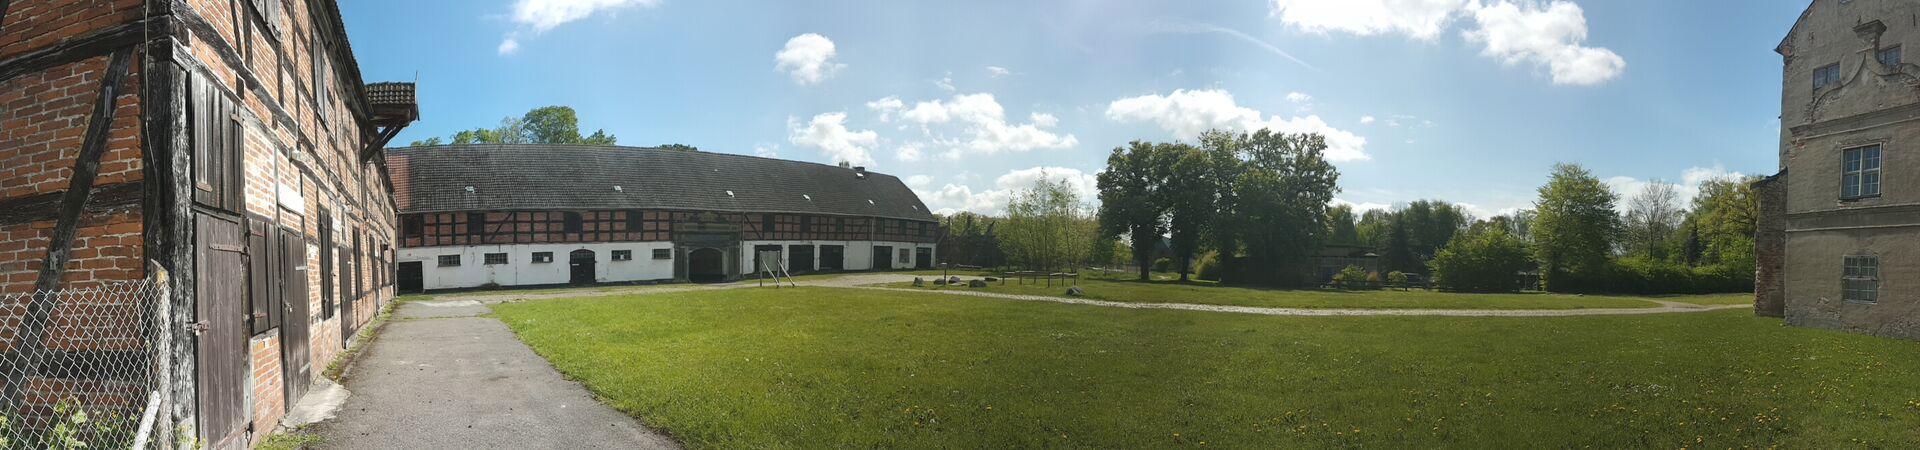 Blick auf Einfahrtstor im Innenhof von Schloss Ludwigsburg